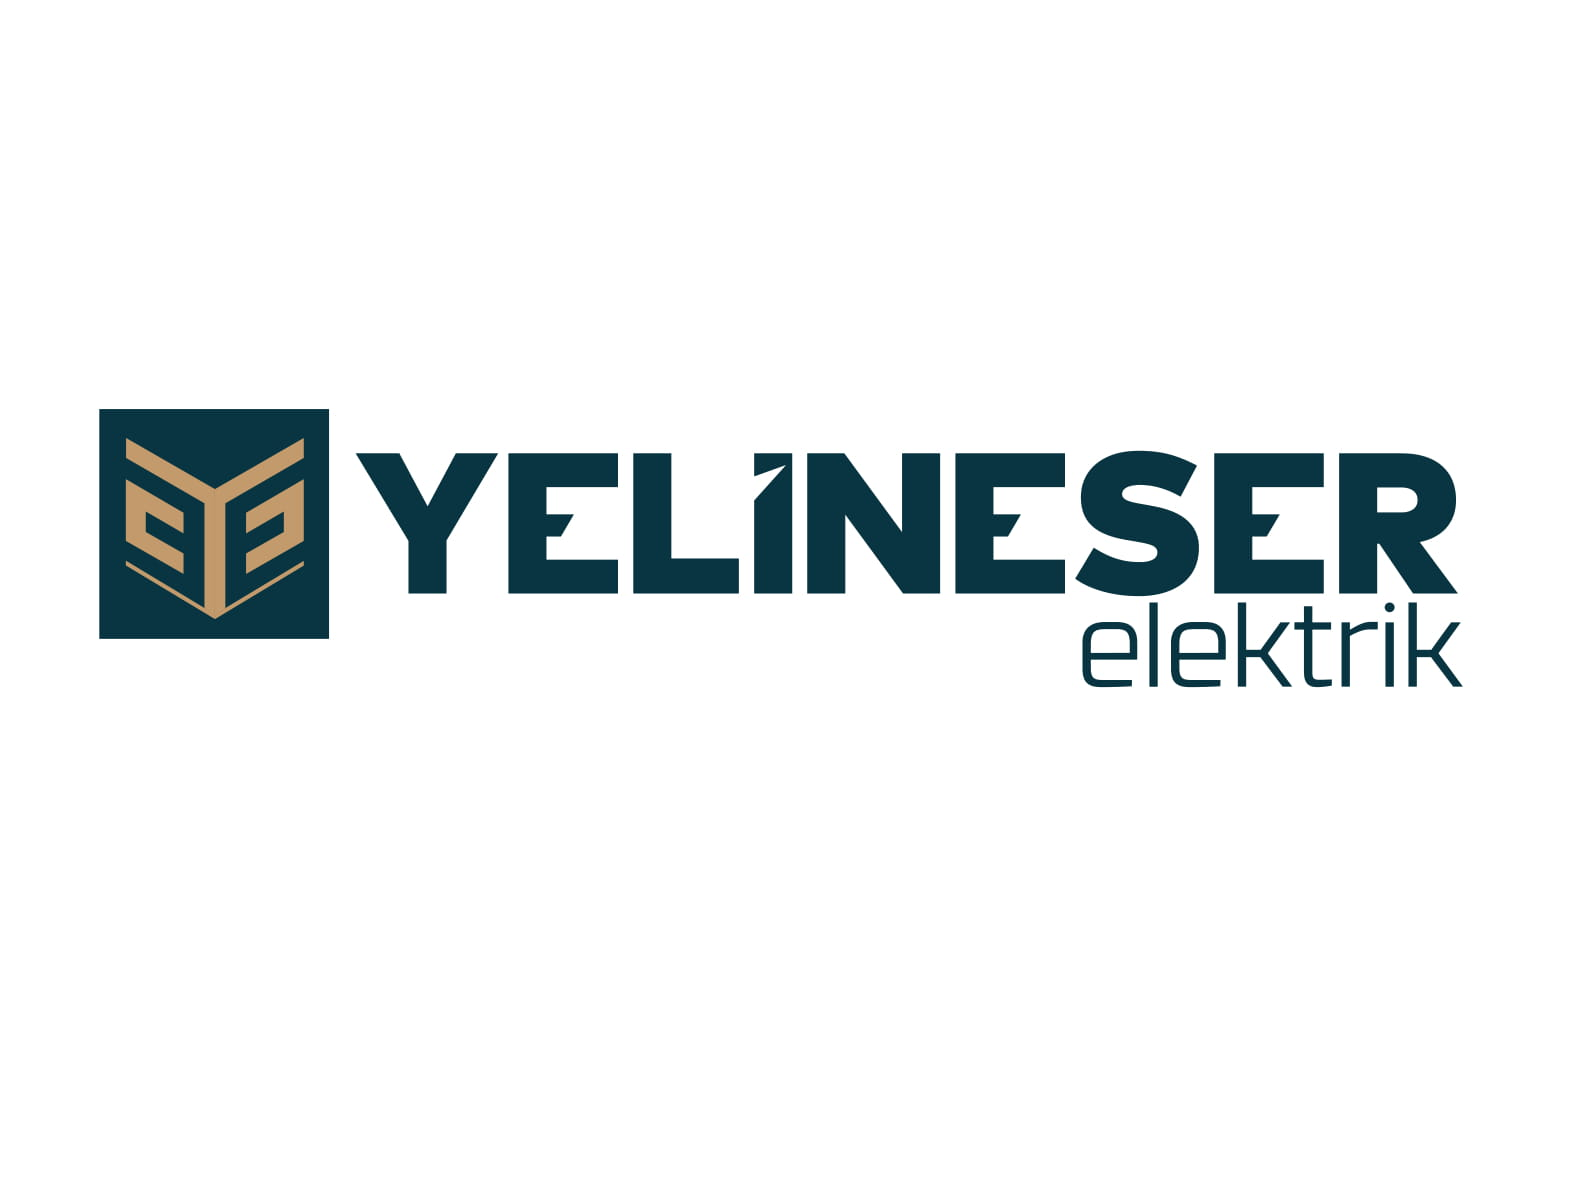 YELIN ESER ELEKTRIK IMALAT INS. TAAH. LTD. STI.